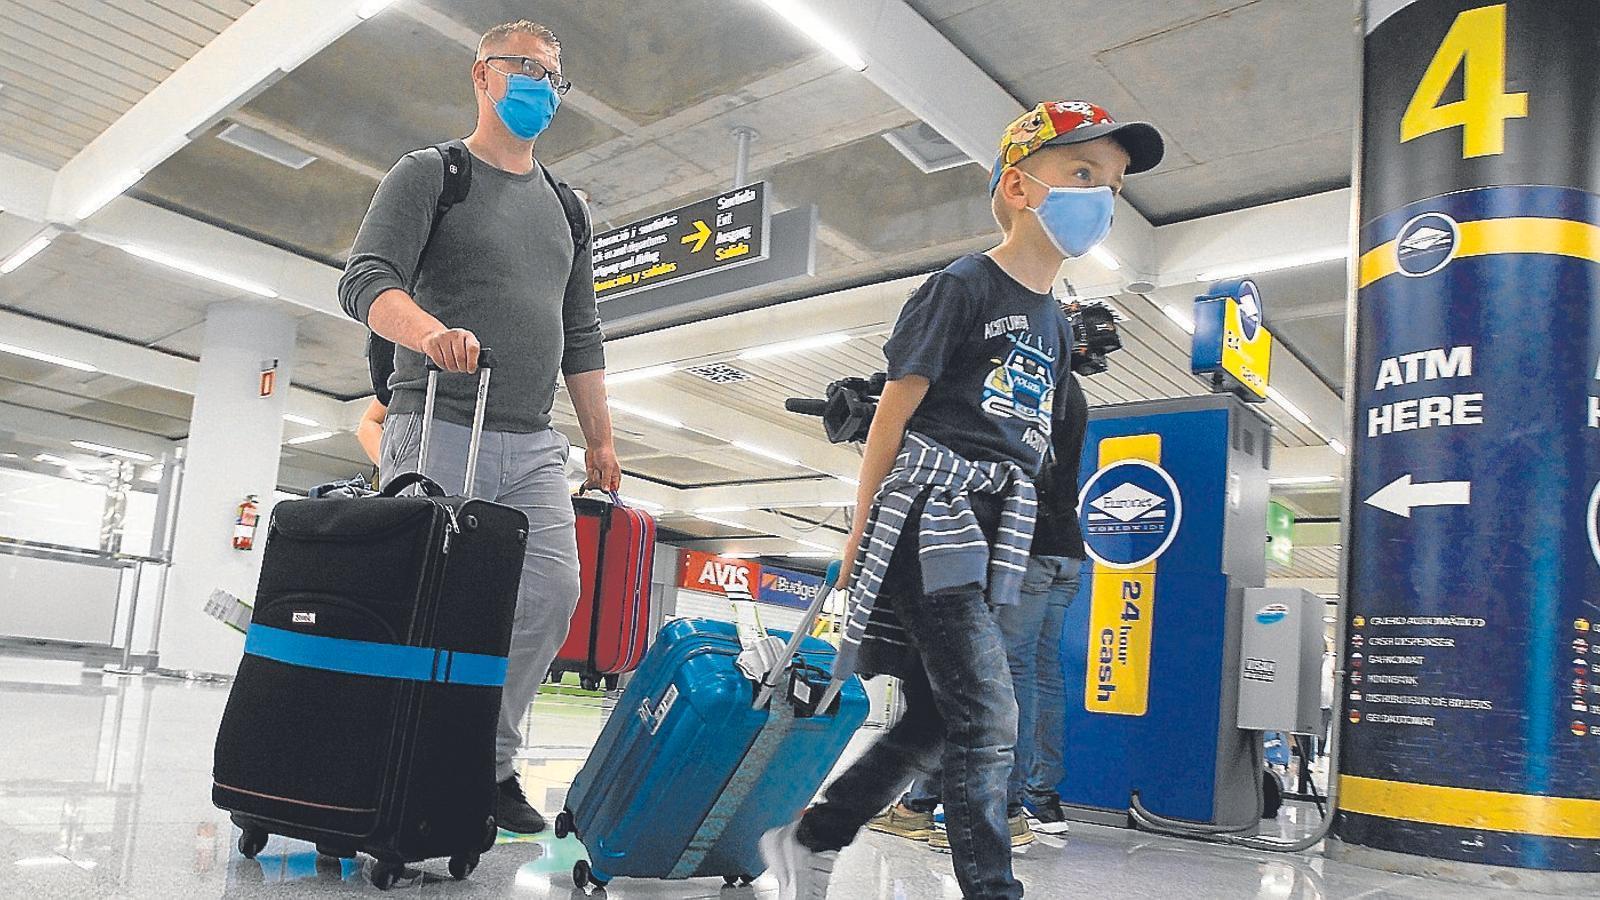 Turistes que arriben amb mascareta a l'aeroport de Son Sant Joan